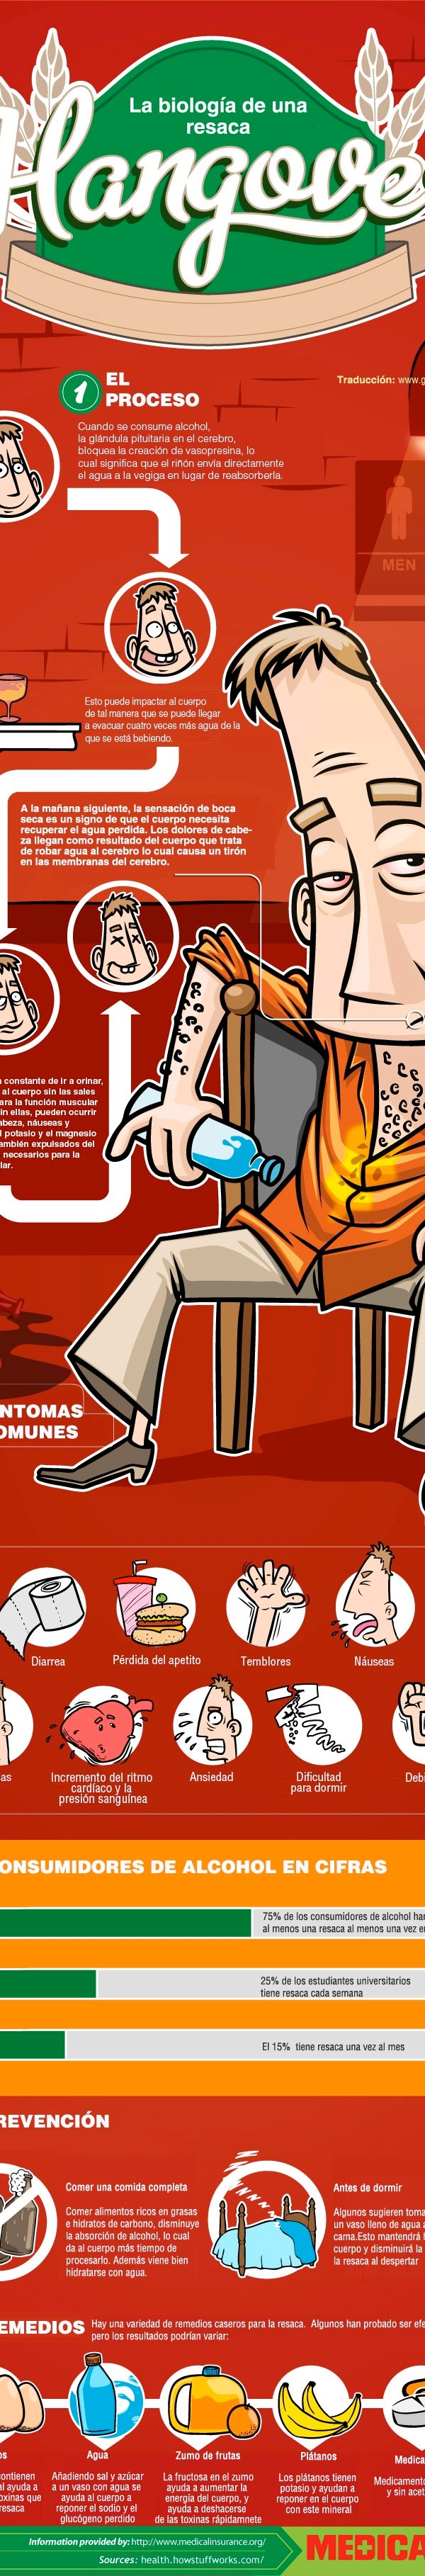 La resaca, sus síntomas, cómo prevenirla y algunos remedios caseros [Infografía] - sintomas-de-la-resaca